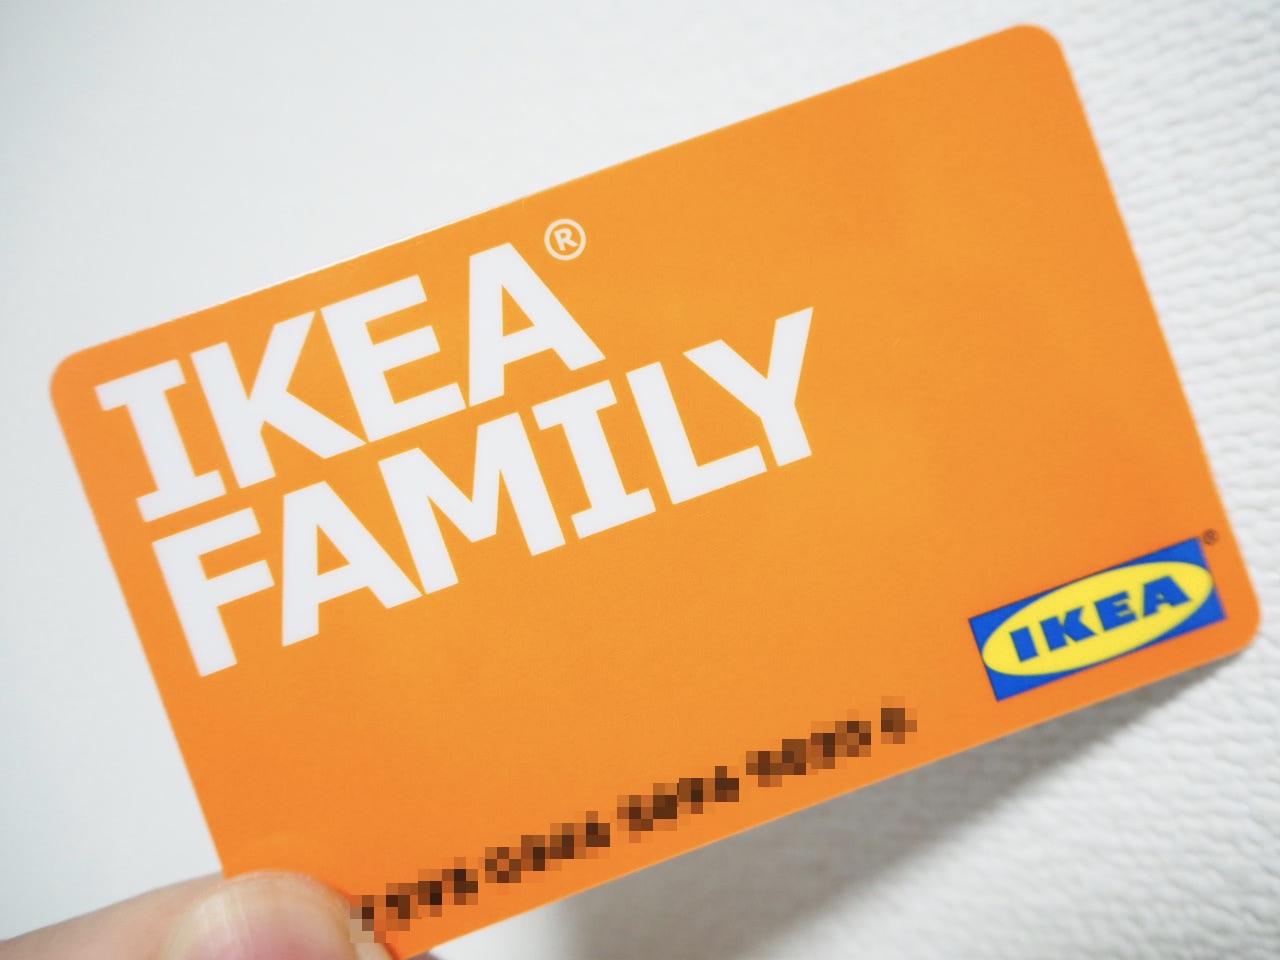 IKEAファミリーのメンバーズカード